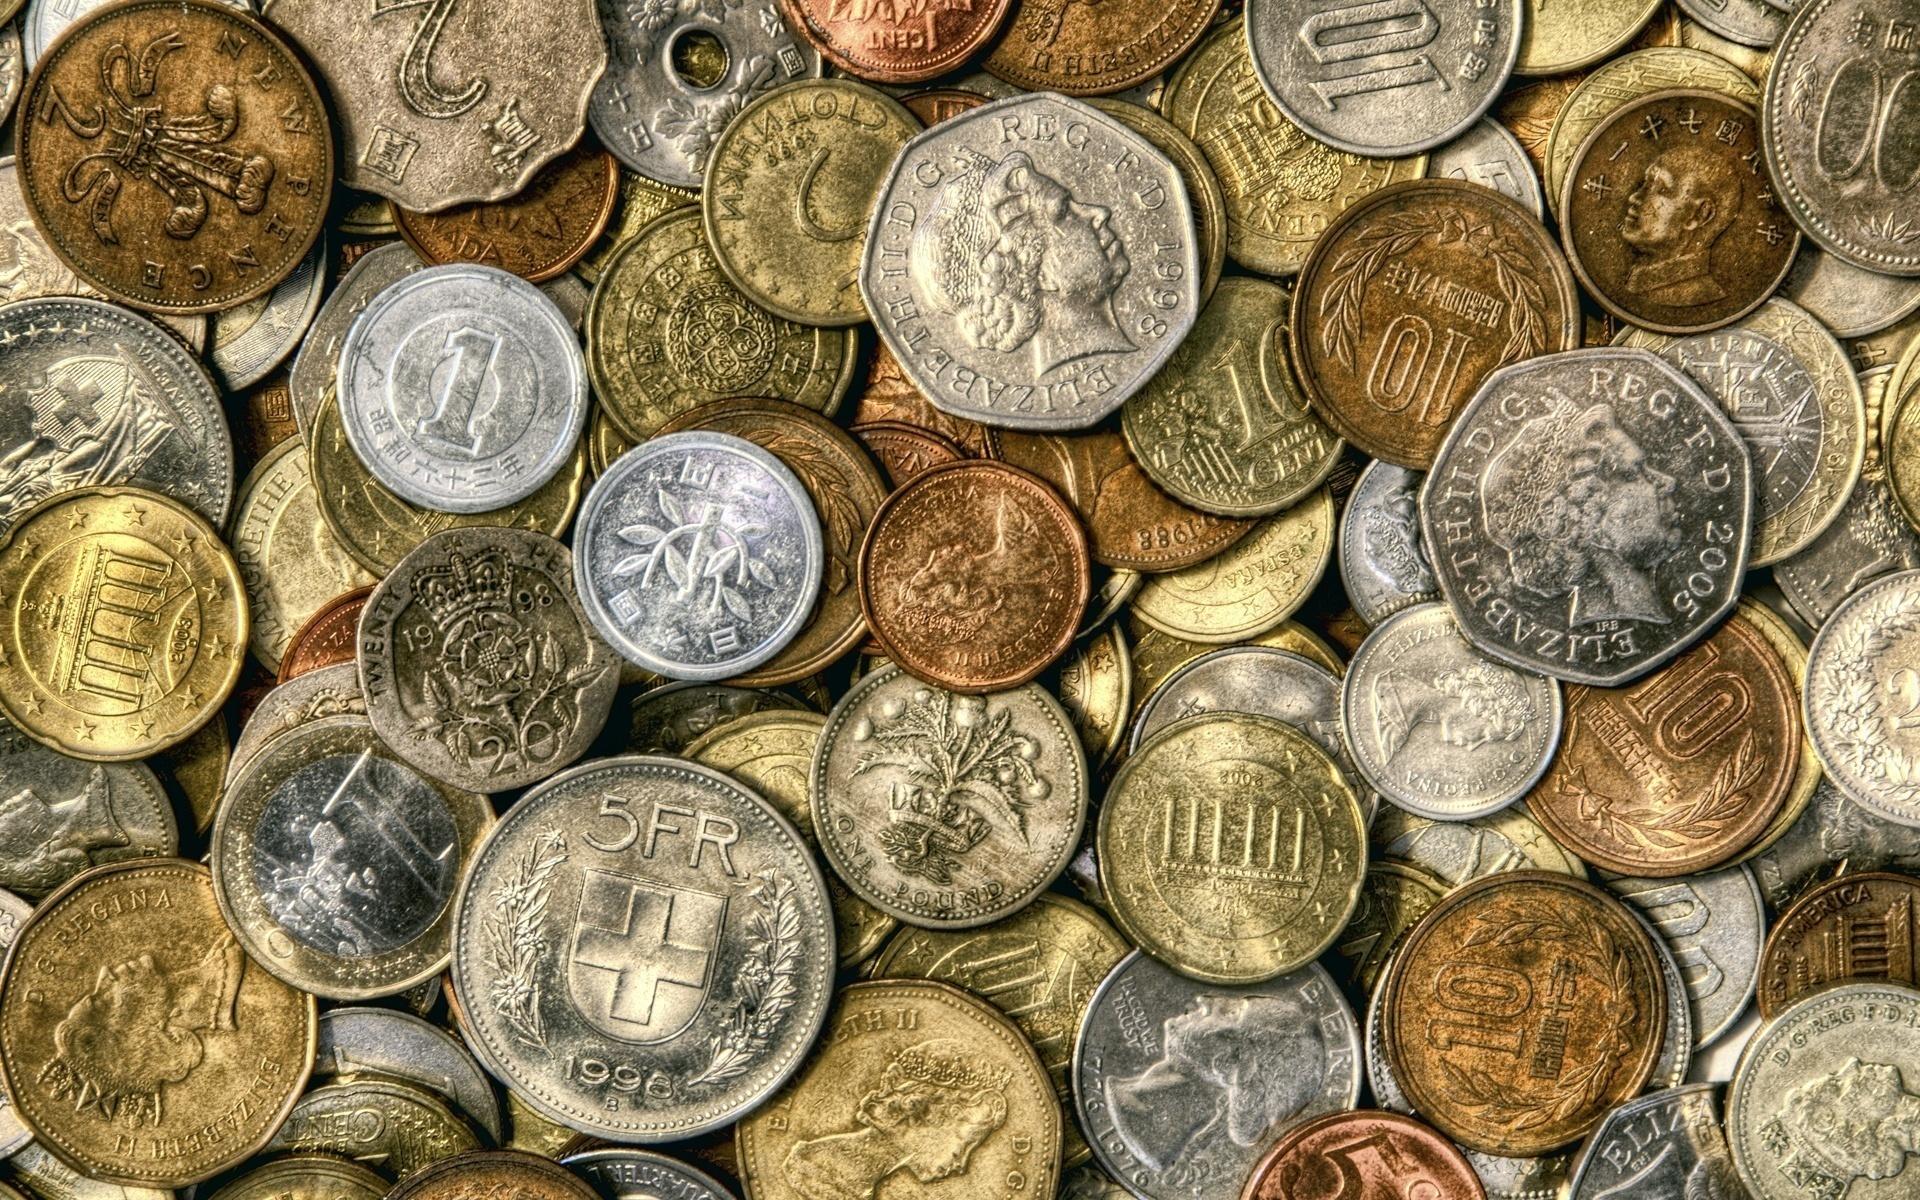 монеты в картинках удобная, можно сказать